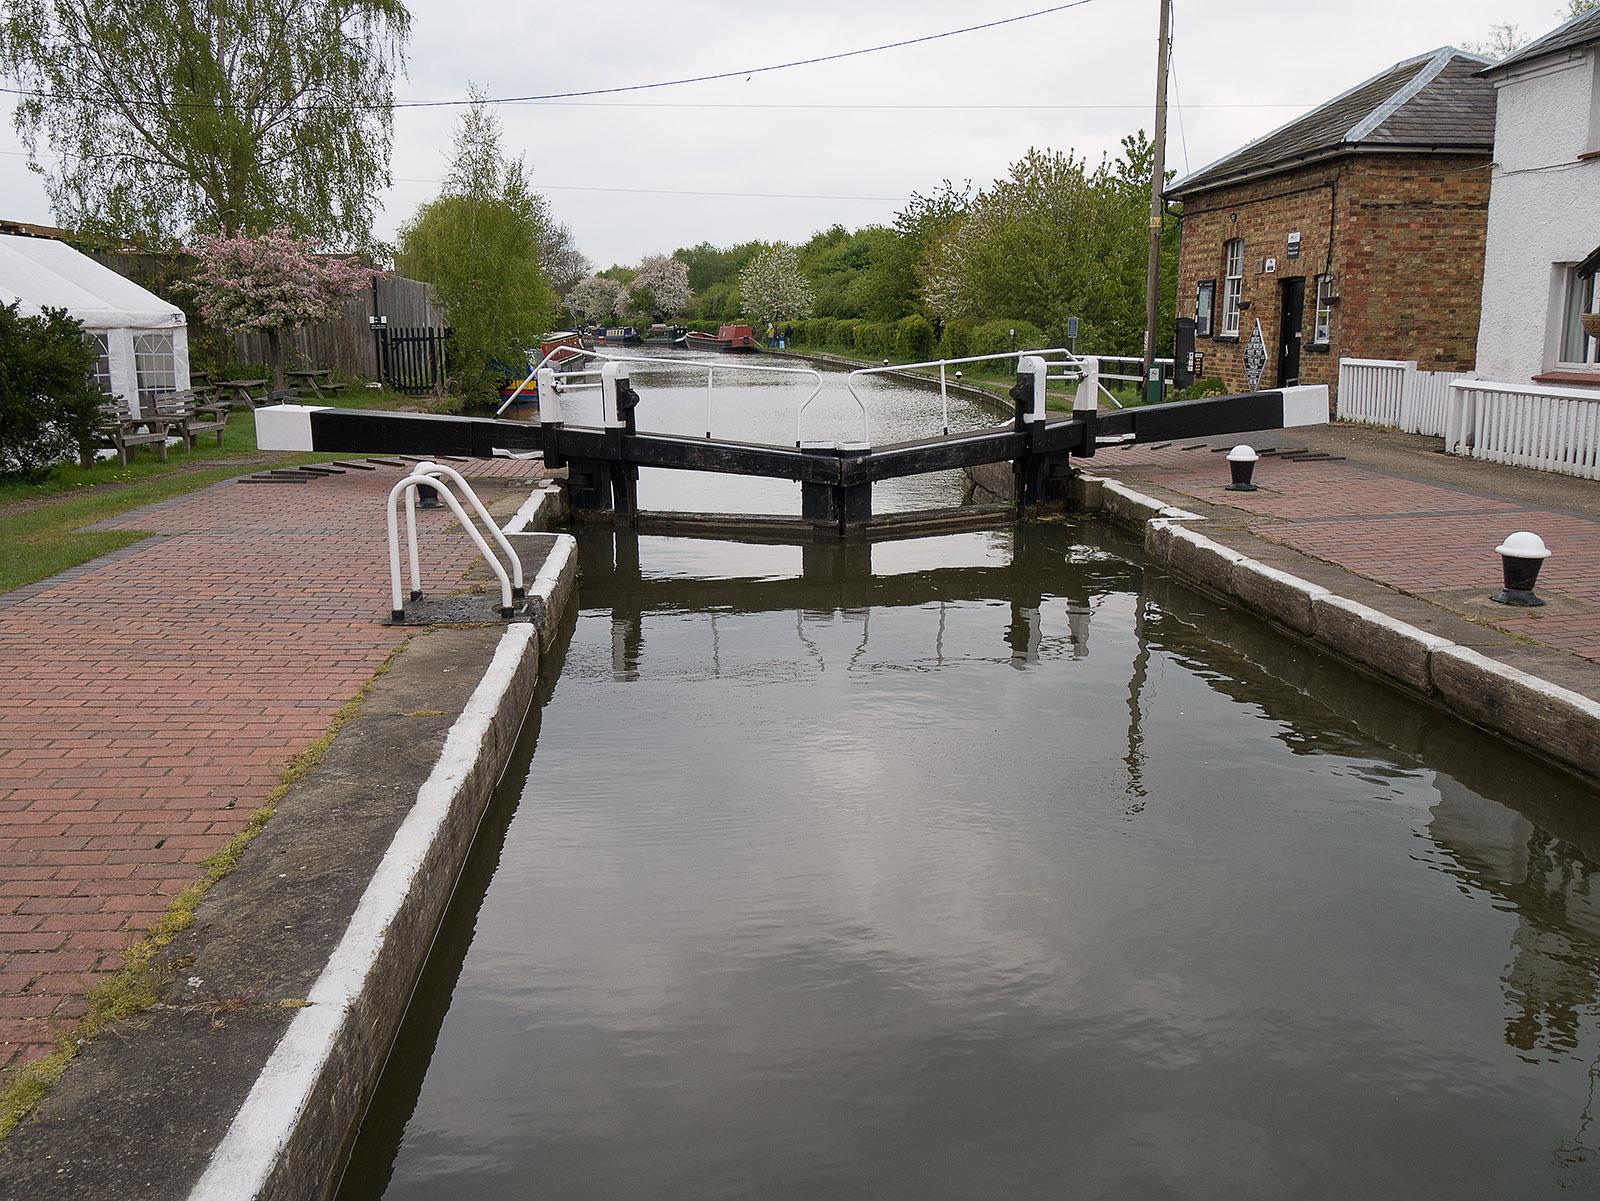 Fenny Stratford Lock